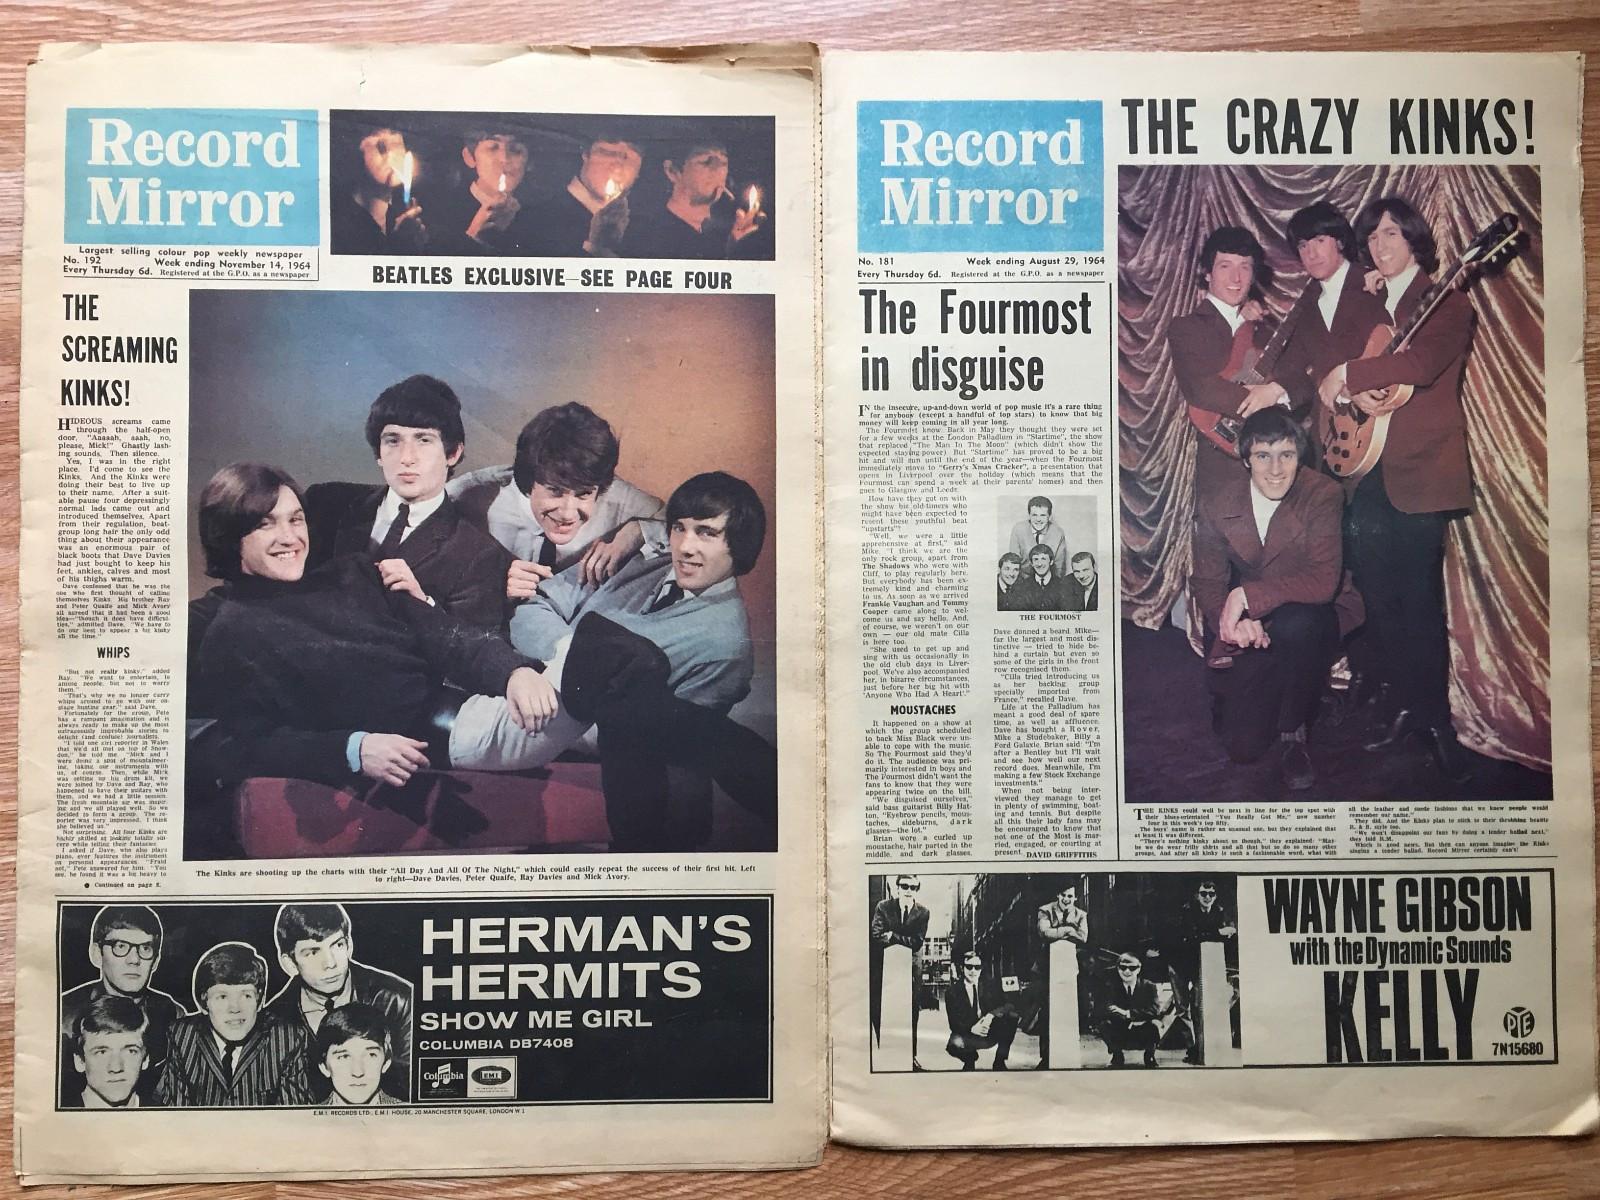 Record Mirror - The Kinks - Jaren  - To utgaver av den engelske musikkavisen Record Mirror fra 1964 med The Kinks på forsiden. Kr. 50 for begge. Eventuell porto/frakt kommer i tillegg. - Jaren